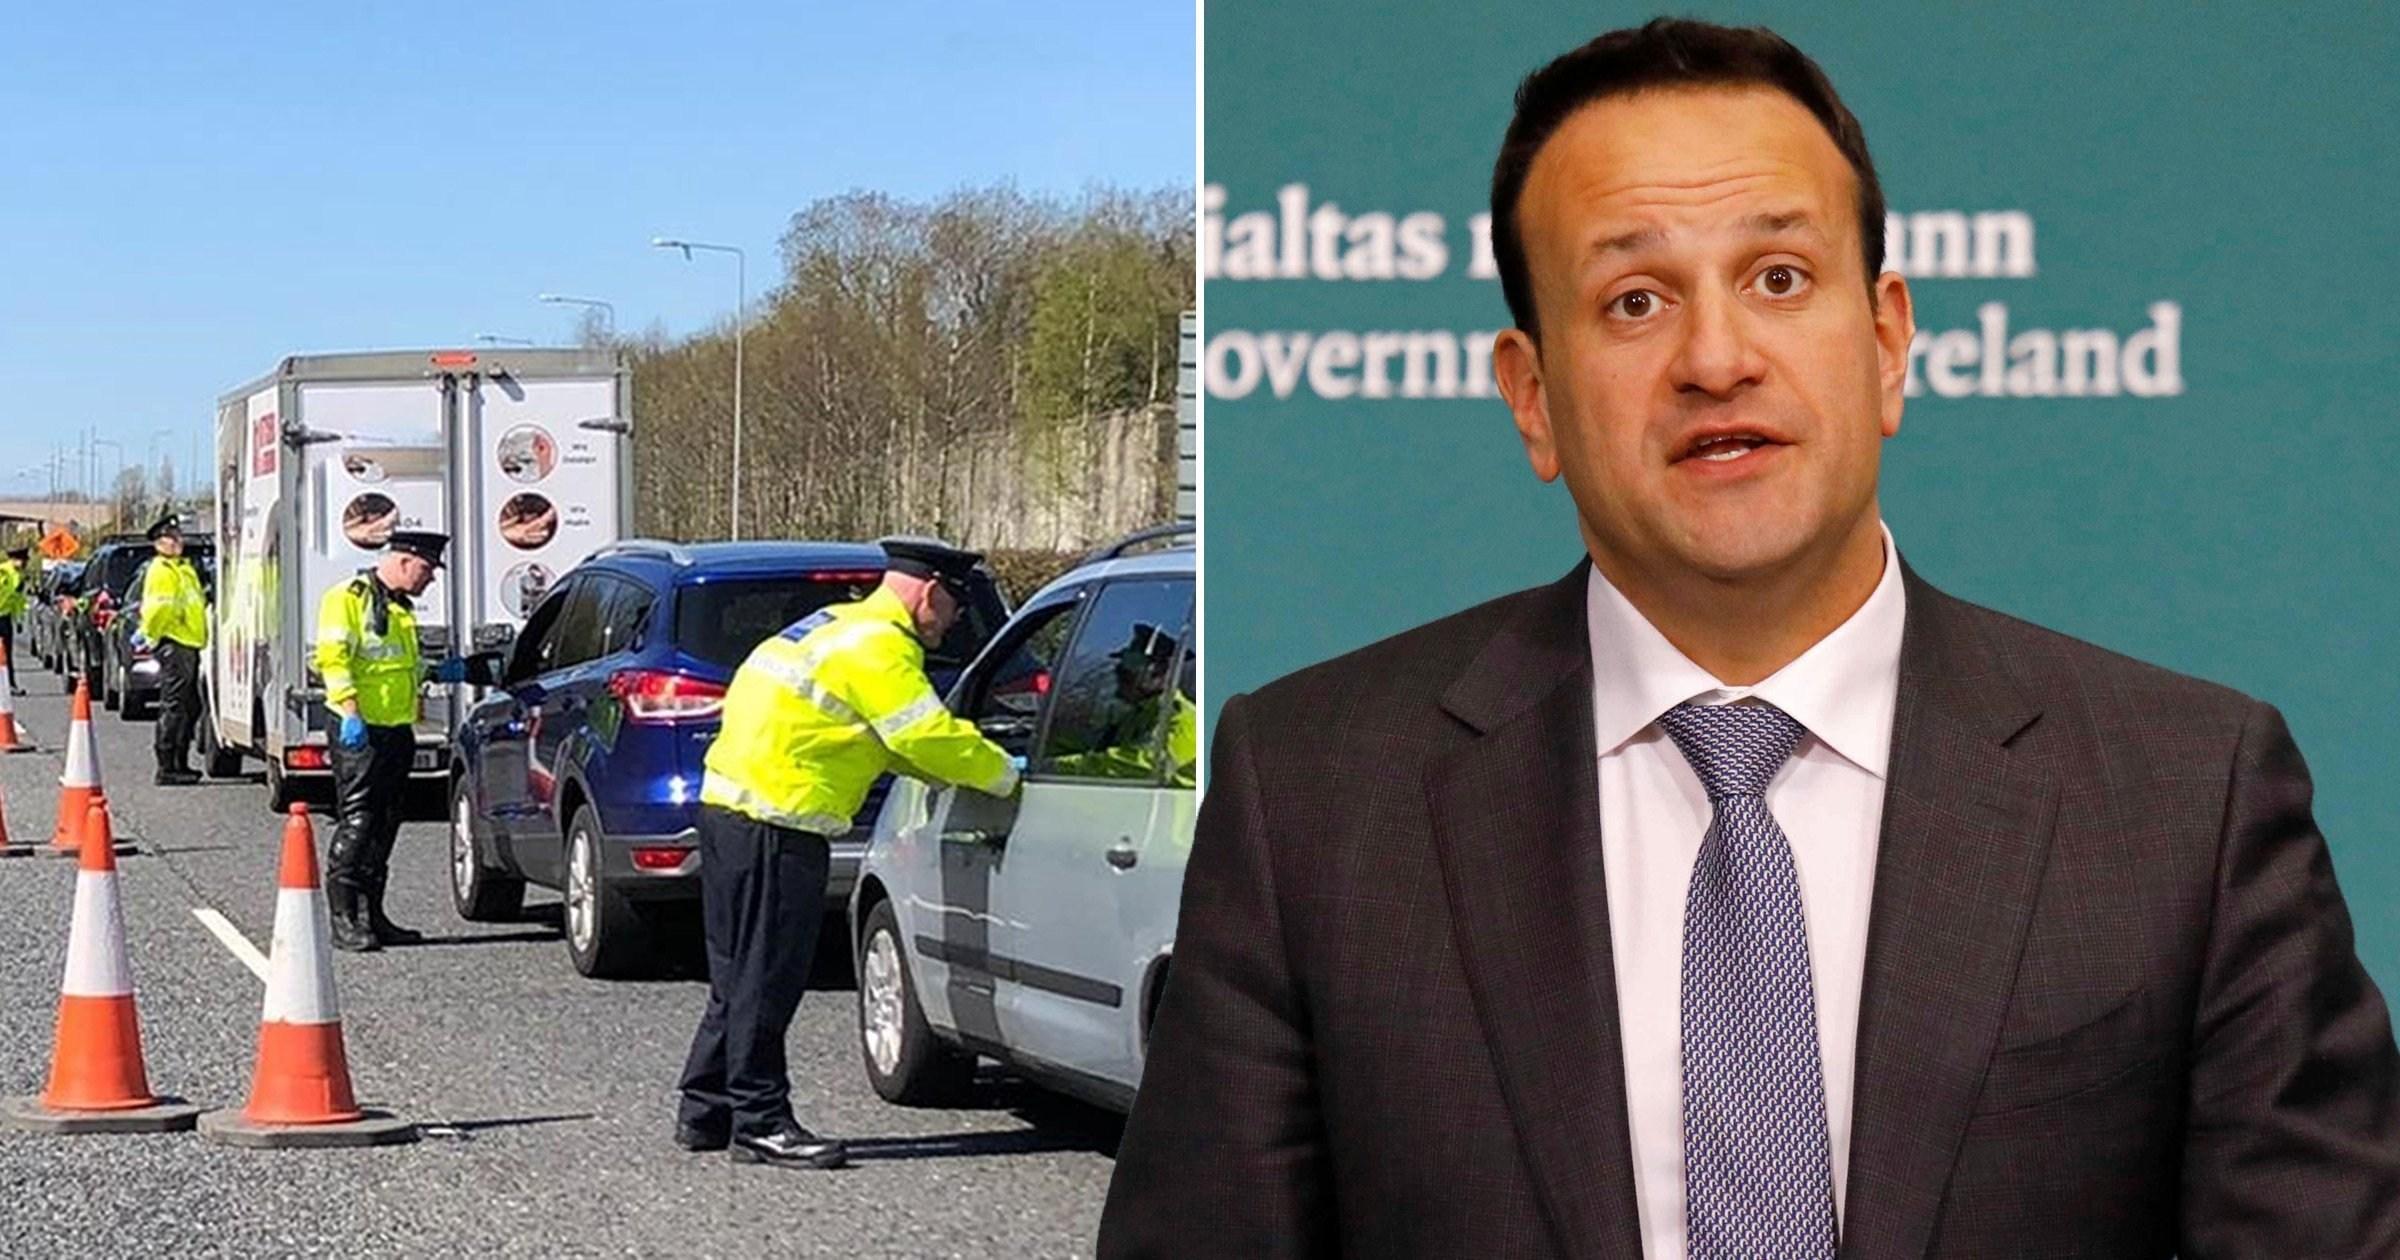 Ireland extends lockdown by three weeks